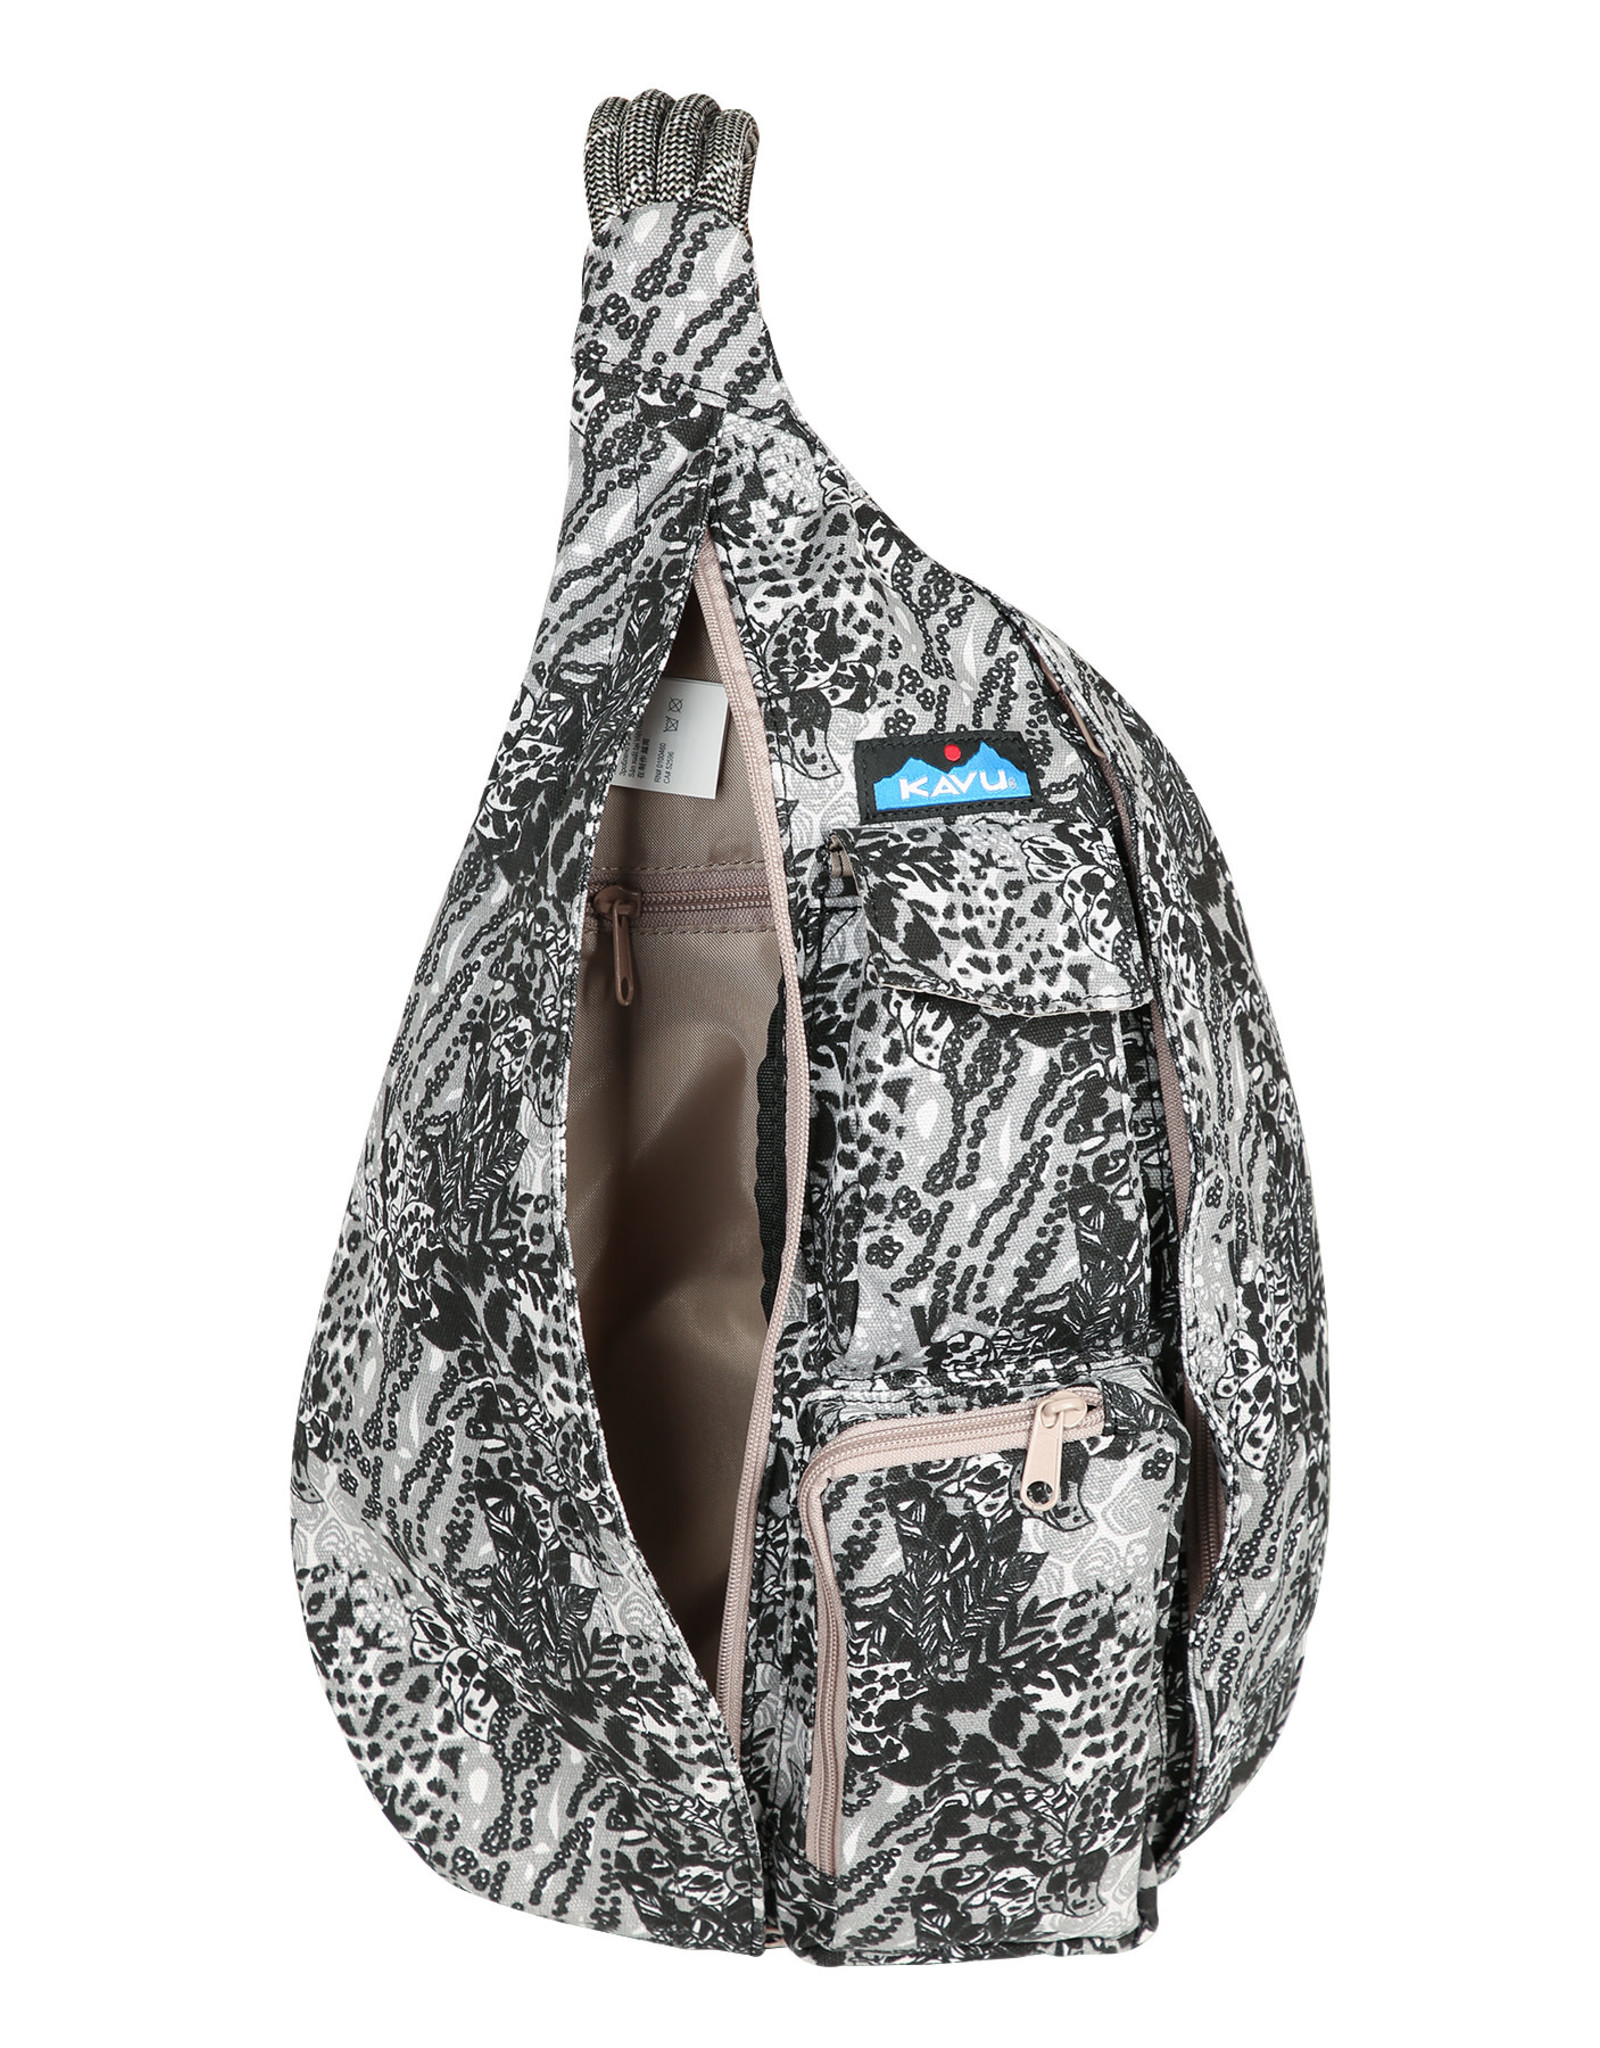 Kavu Rope Bag - Wild Night